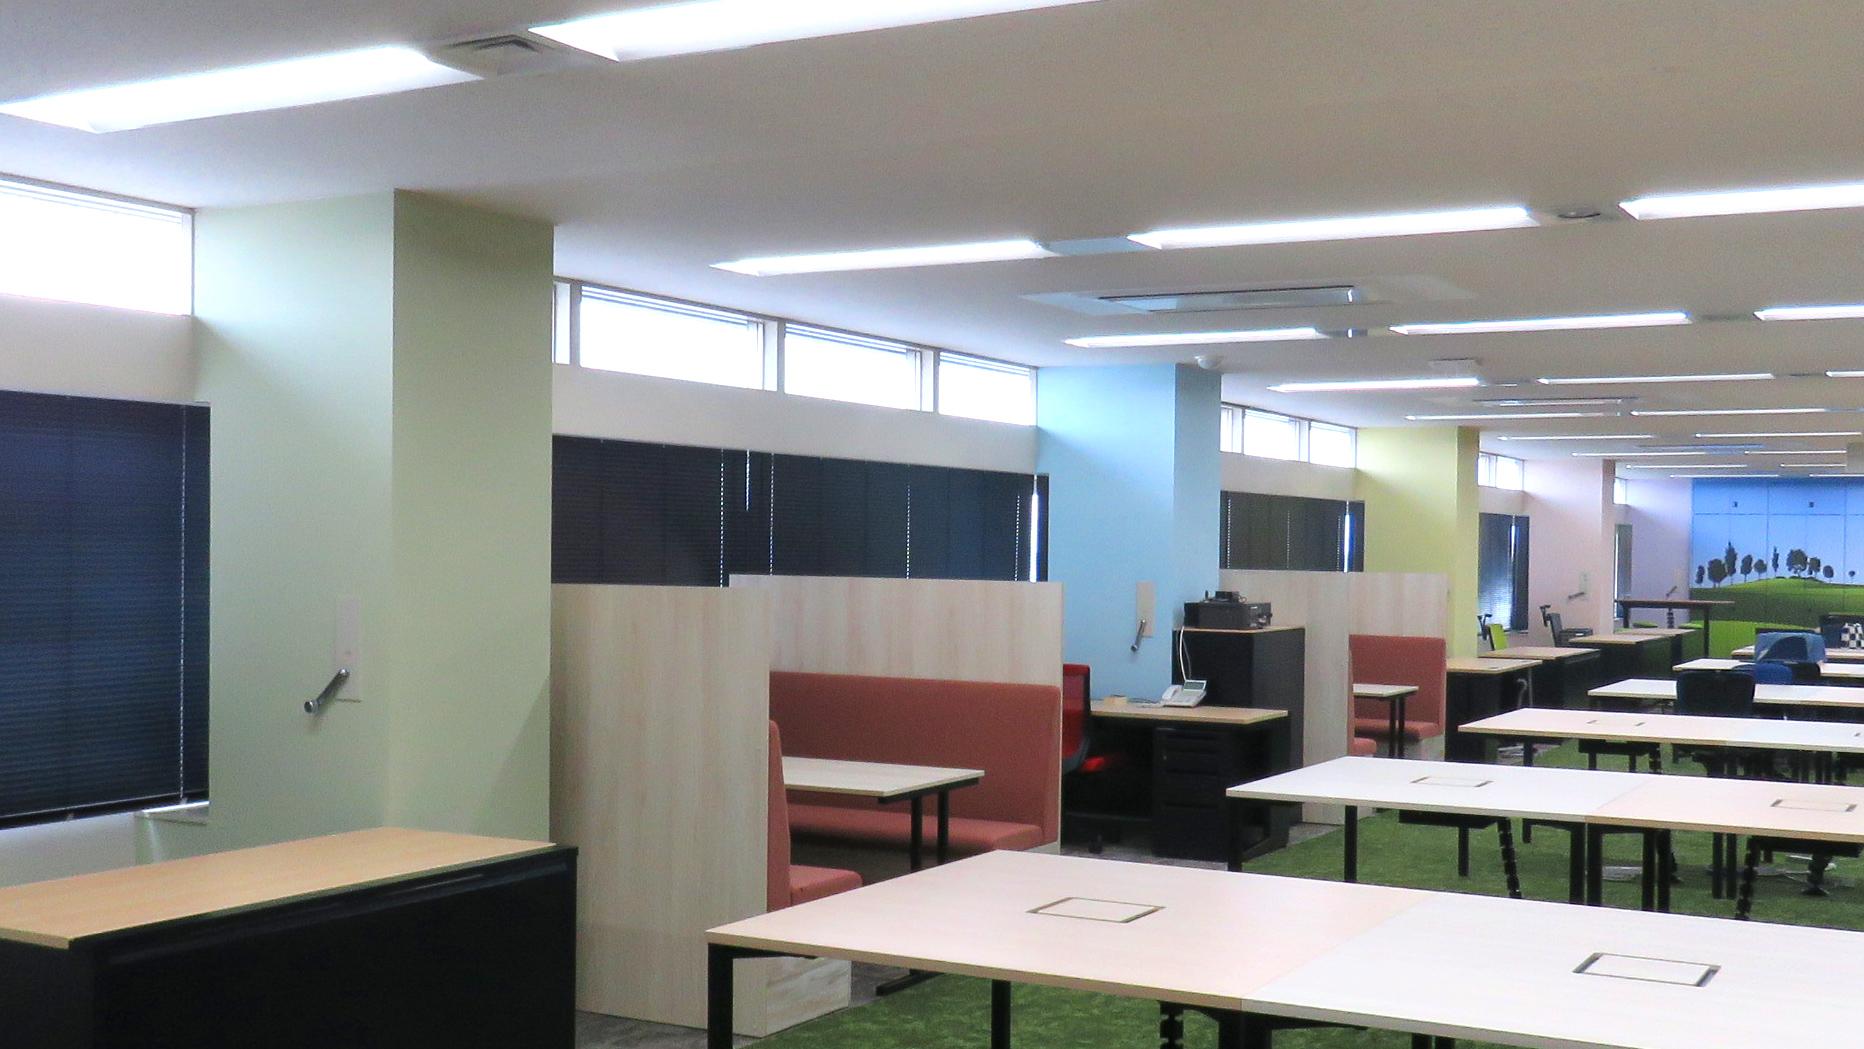 異なった淡い色で構成することでオフィスの空間に 季節を感じられる工夫